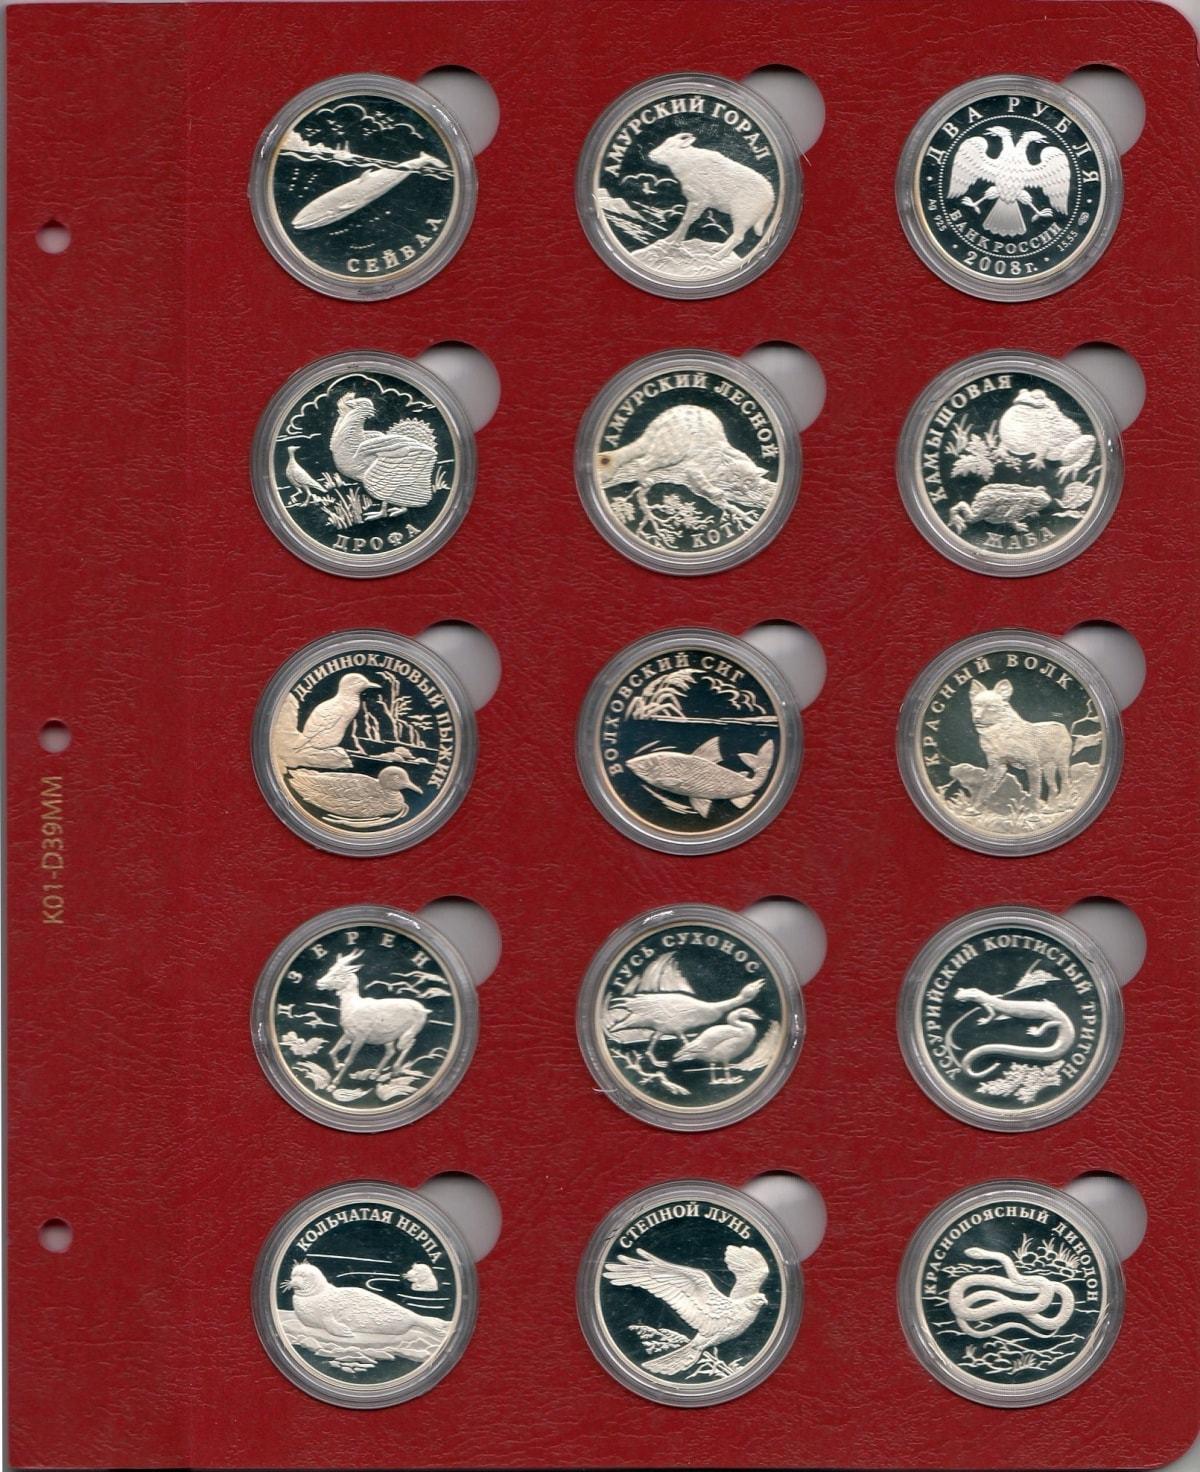 Лист для 12 монет в капсулах 45 мм (красный) без монет и капсул